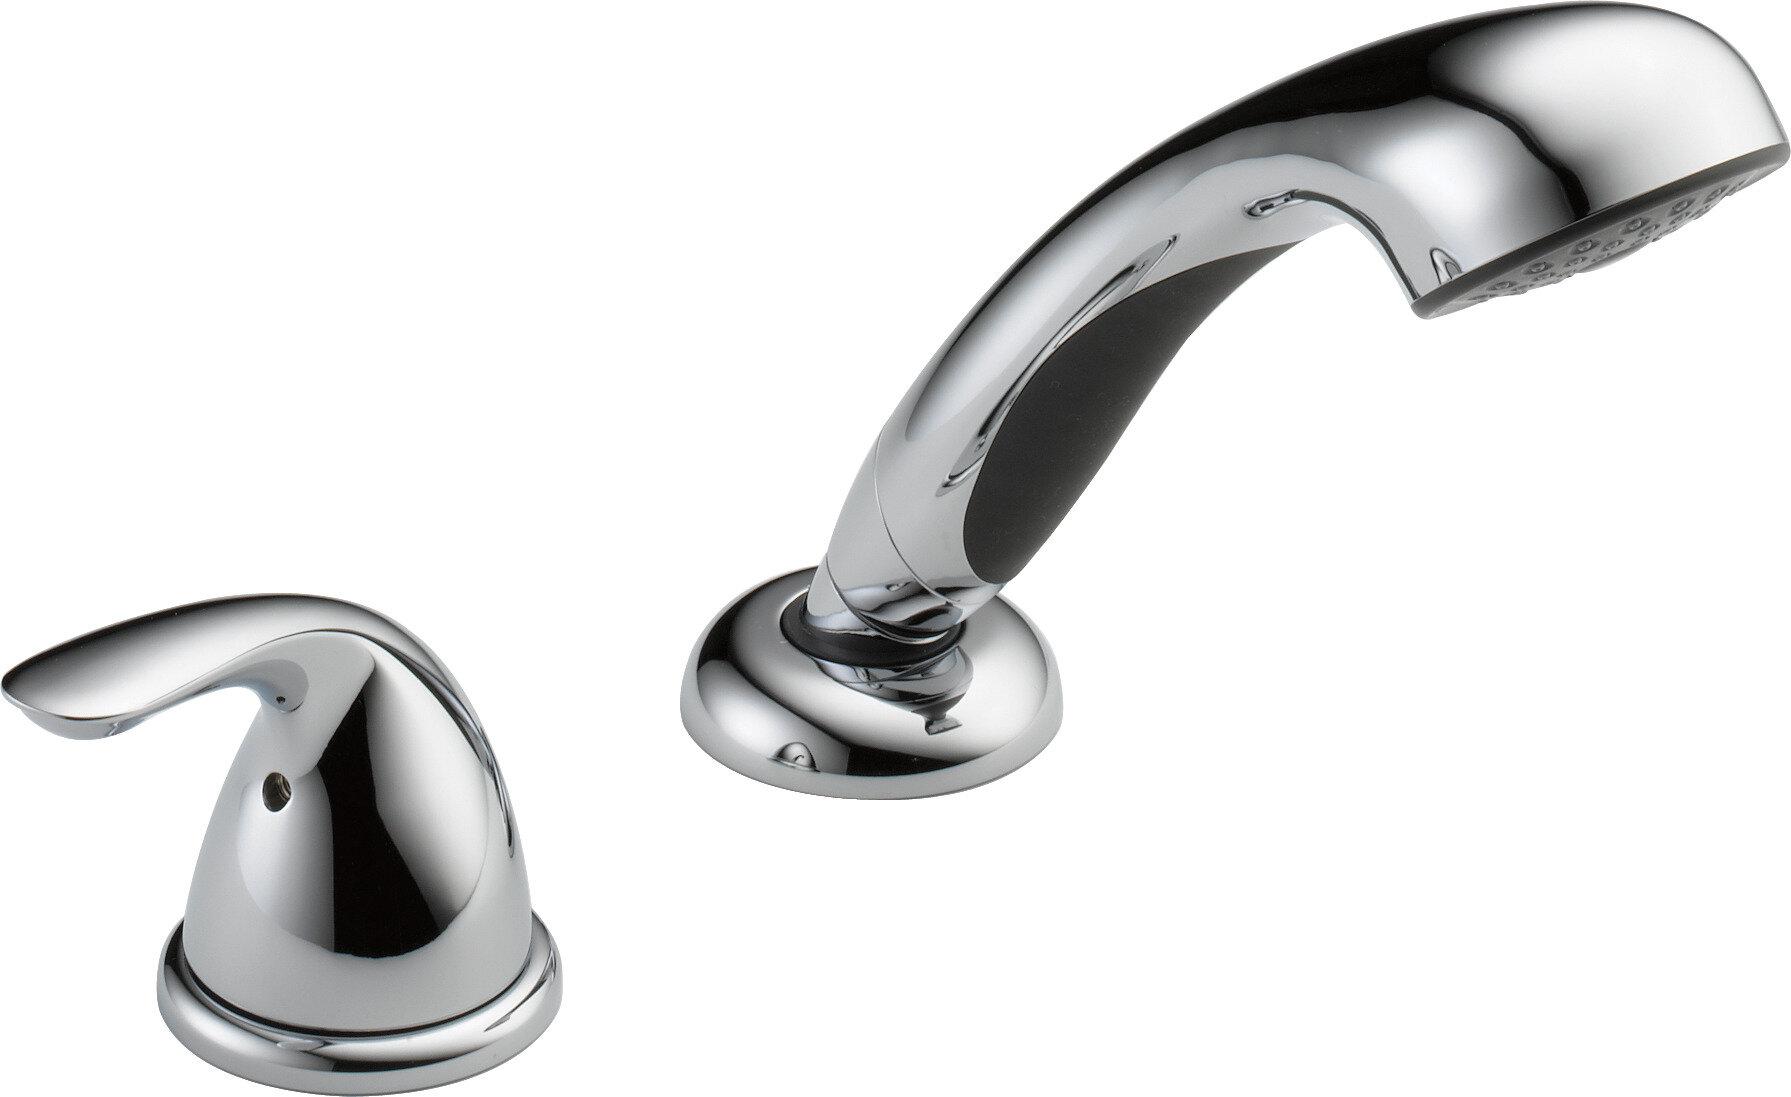 Delta Classic Single Handle Deck Mount Roman Tub Faucet | Wayfair